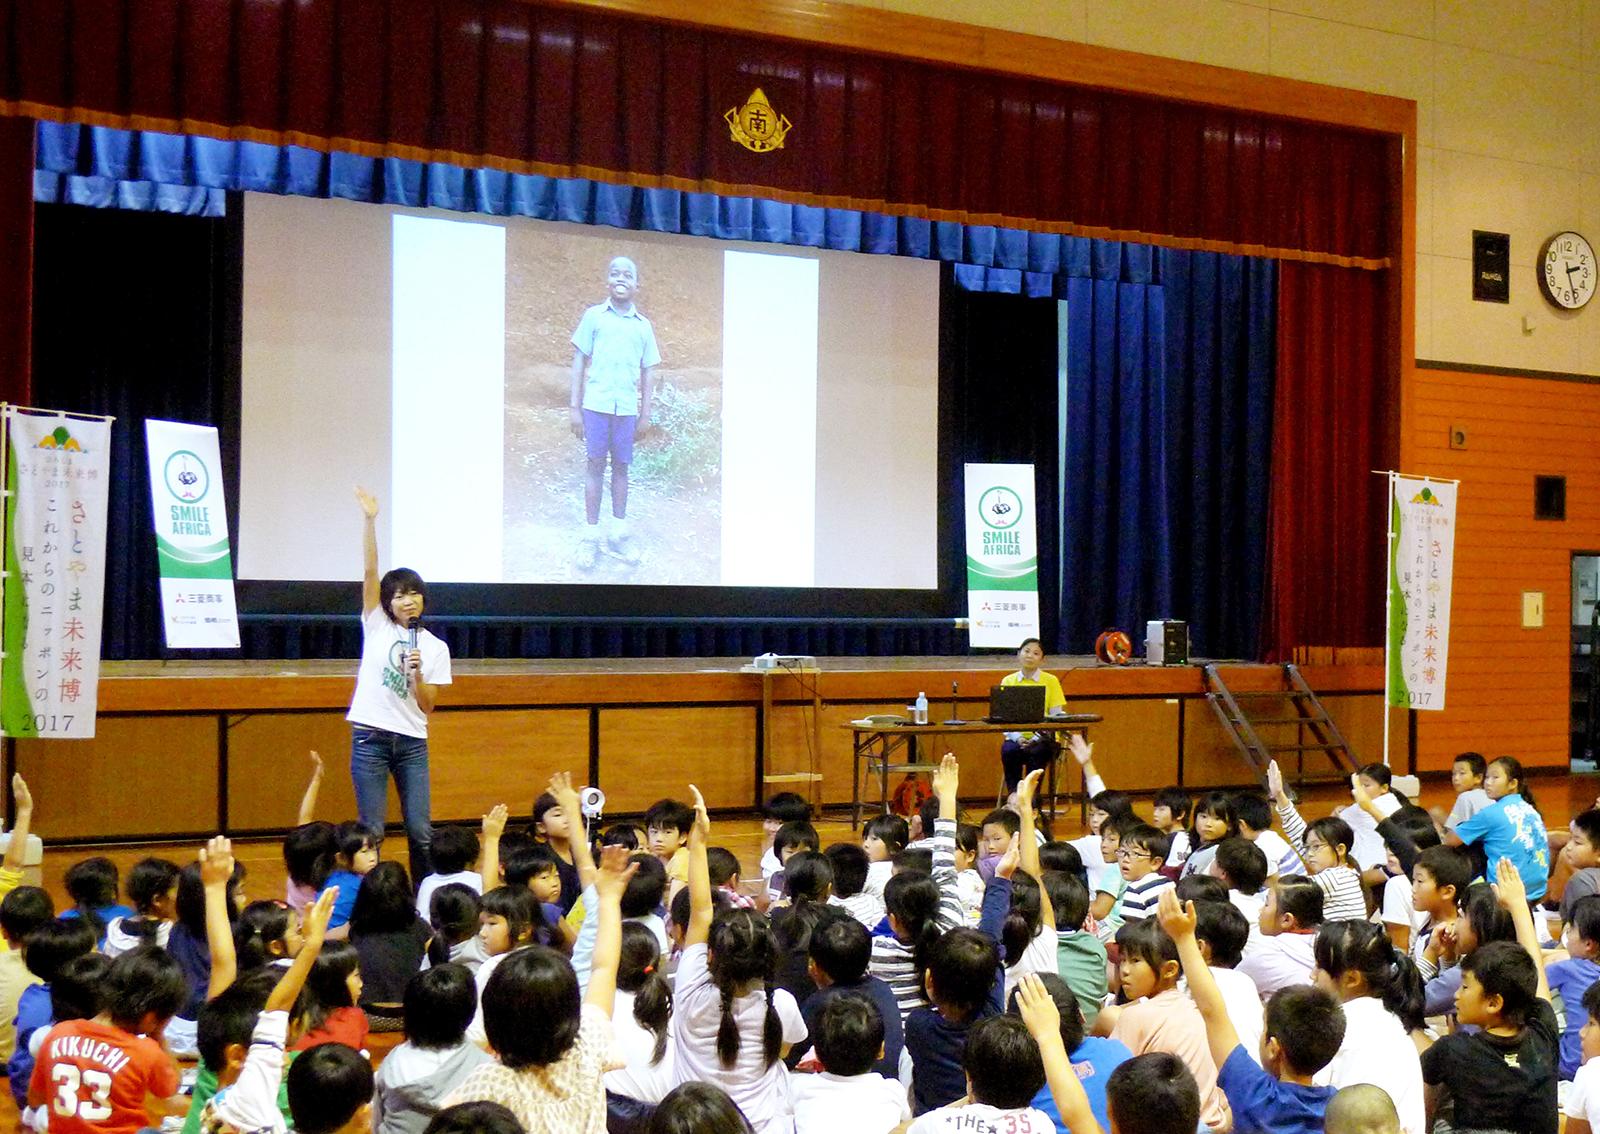 呉市の広南学園の体育館に集まってくれた小・中学生たち。高橋尚子さんの来訪を聞きつけた地域の方も参加し、プロジェクトの活動内容の話について、熱心に耳を傾けていただいた。